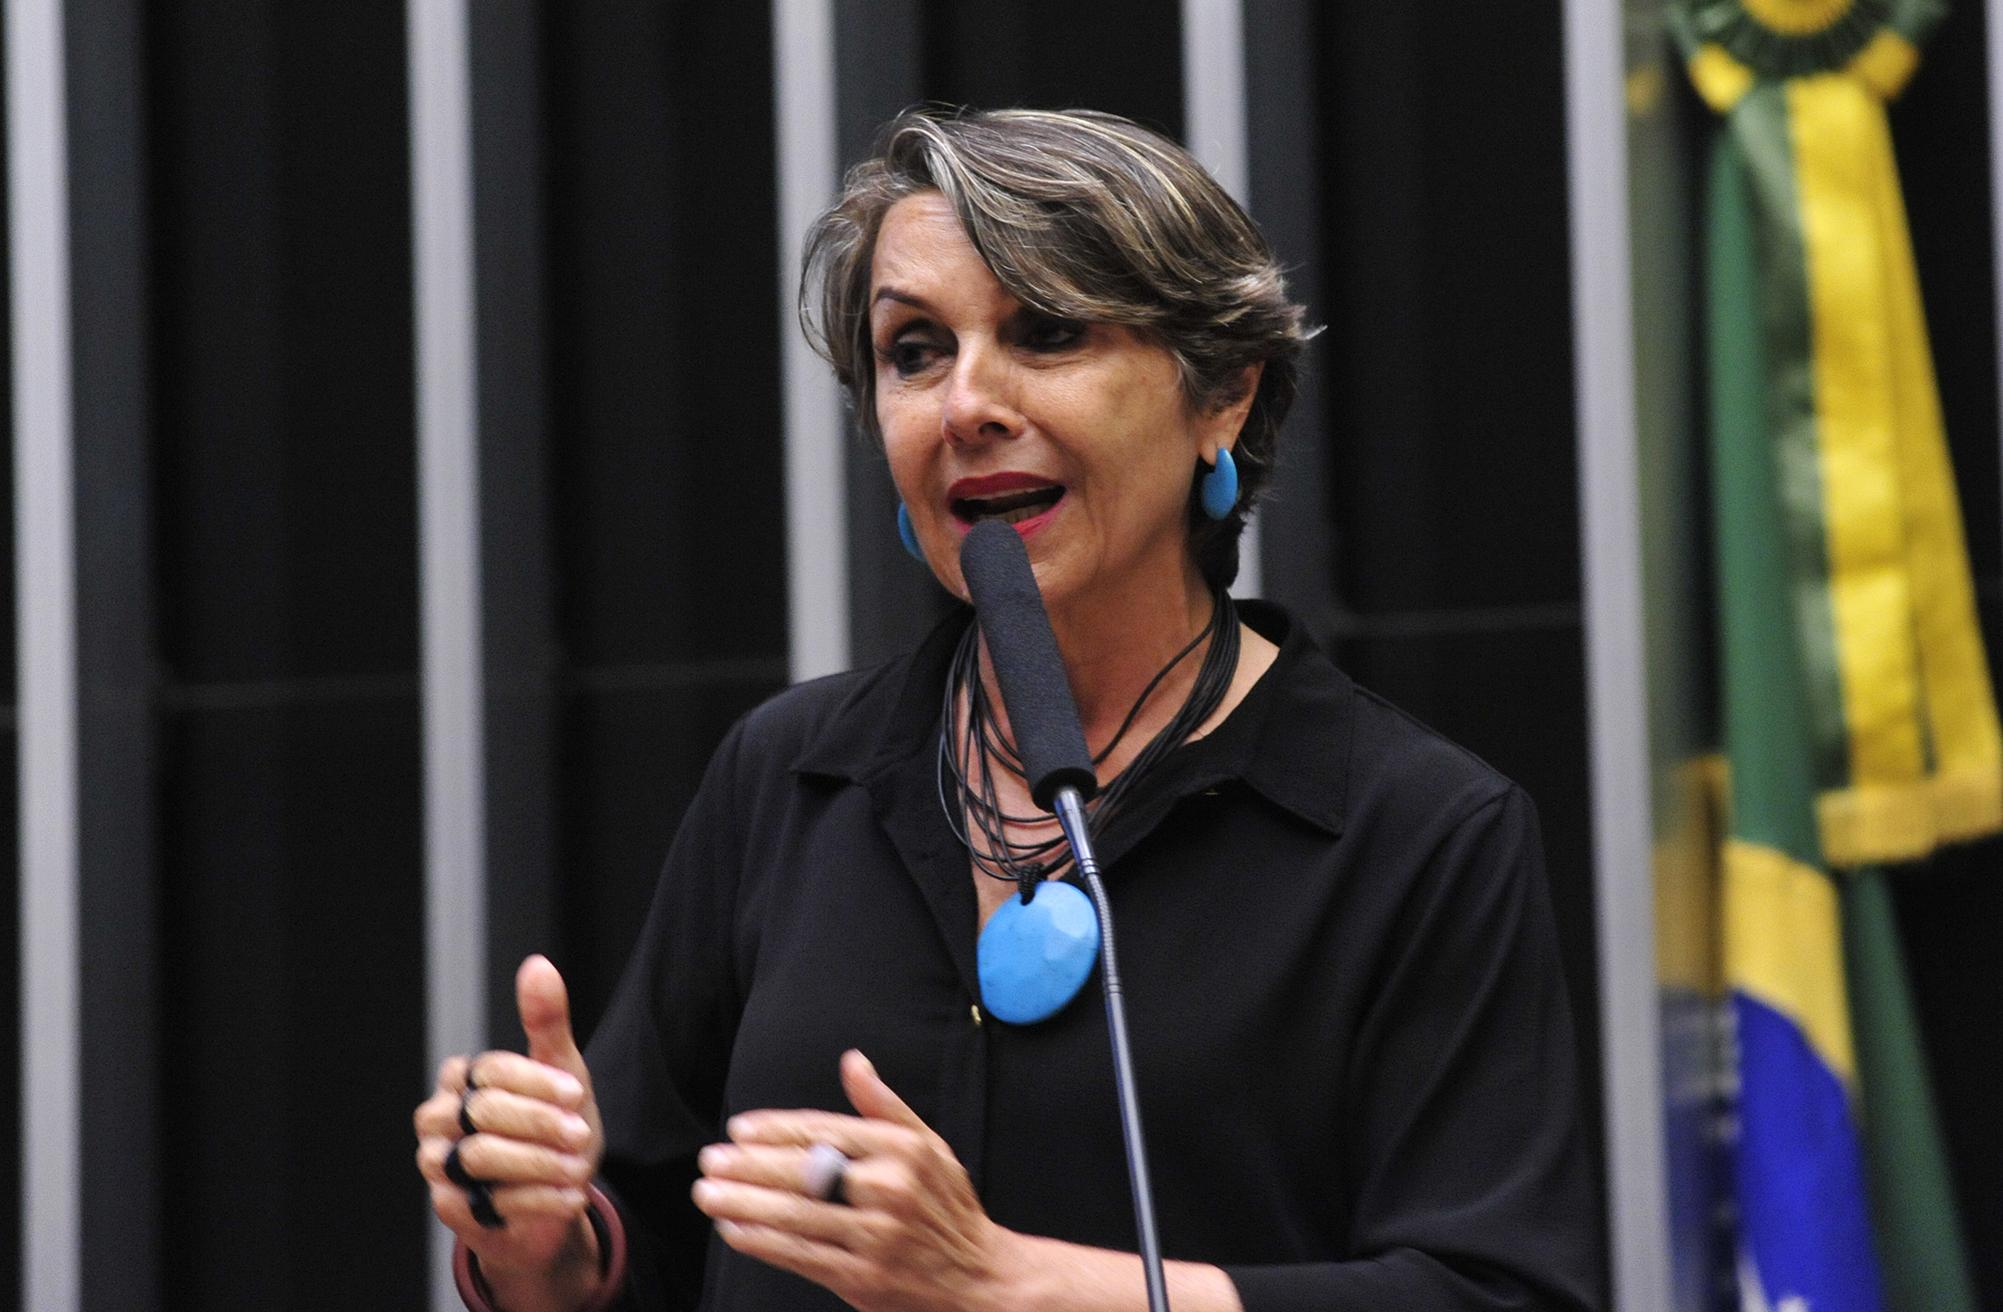 Comissão Geral sobre a violência contra Mulheres e Meninas, a Cultura do Estupro, bem como o enfrentamento à impunidade, e políticas públicas de prevenção, proteção e atendimento a vítimas no Brasil. Dep. Erika Kokay (PT-DF)